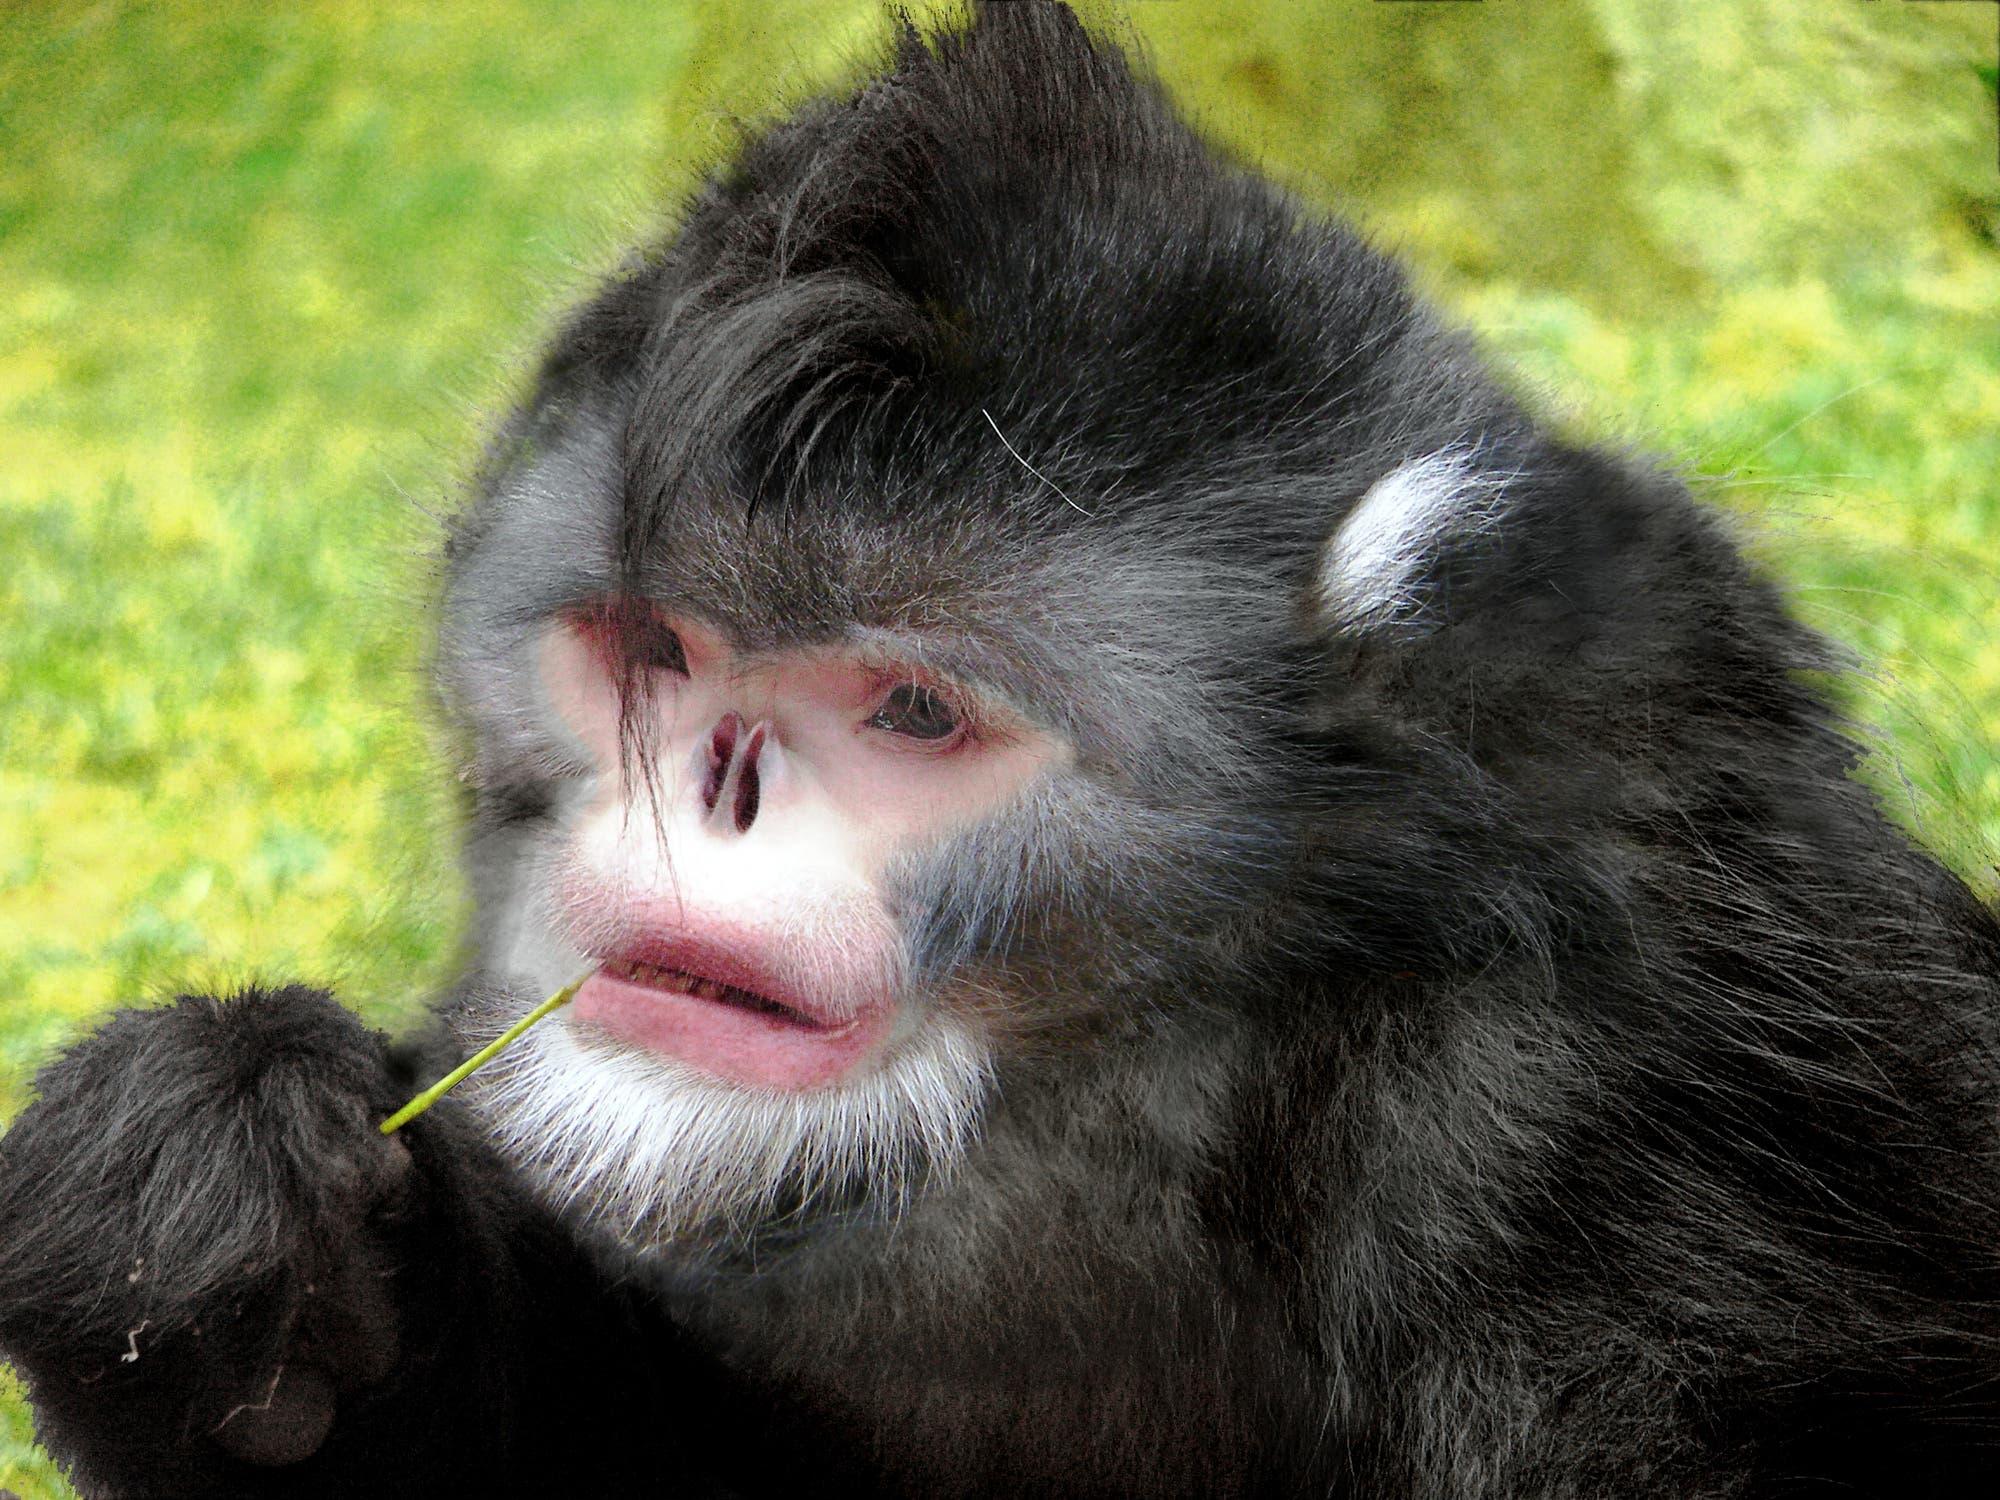 Stumpfnasenaffe hat extrem kurze Nase, in die sogar Regenlaufen kann